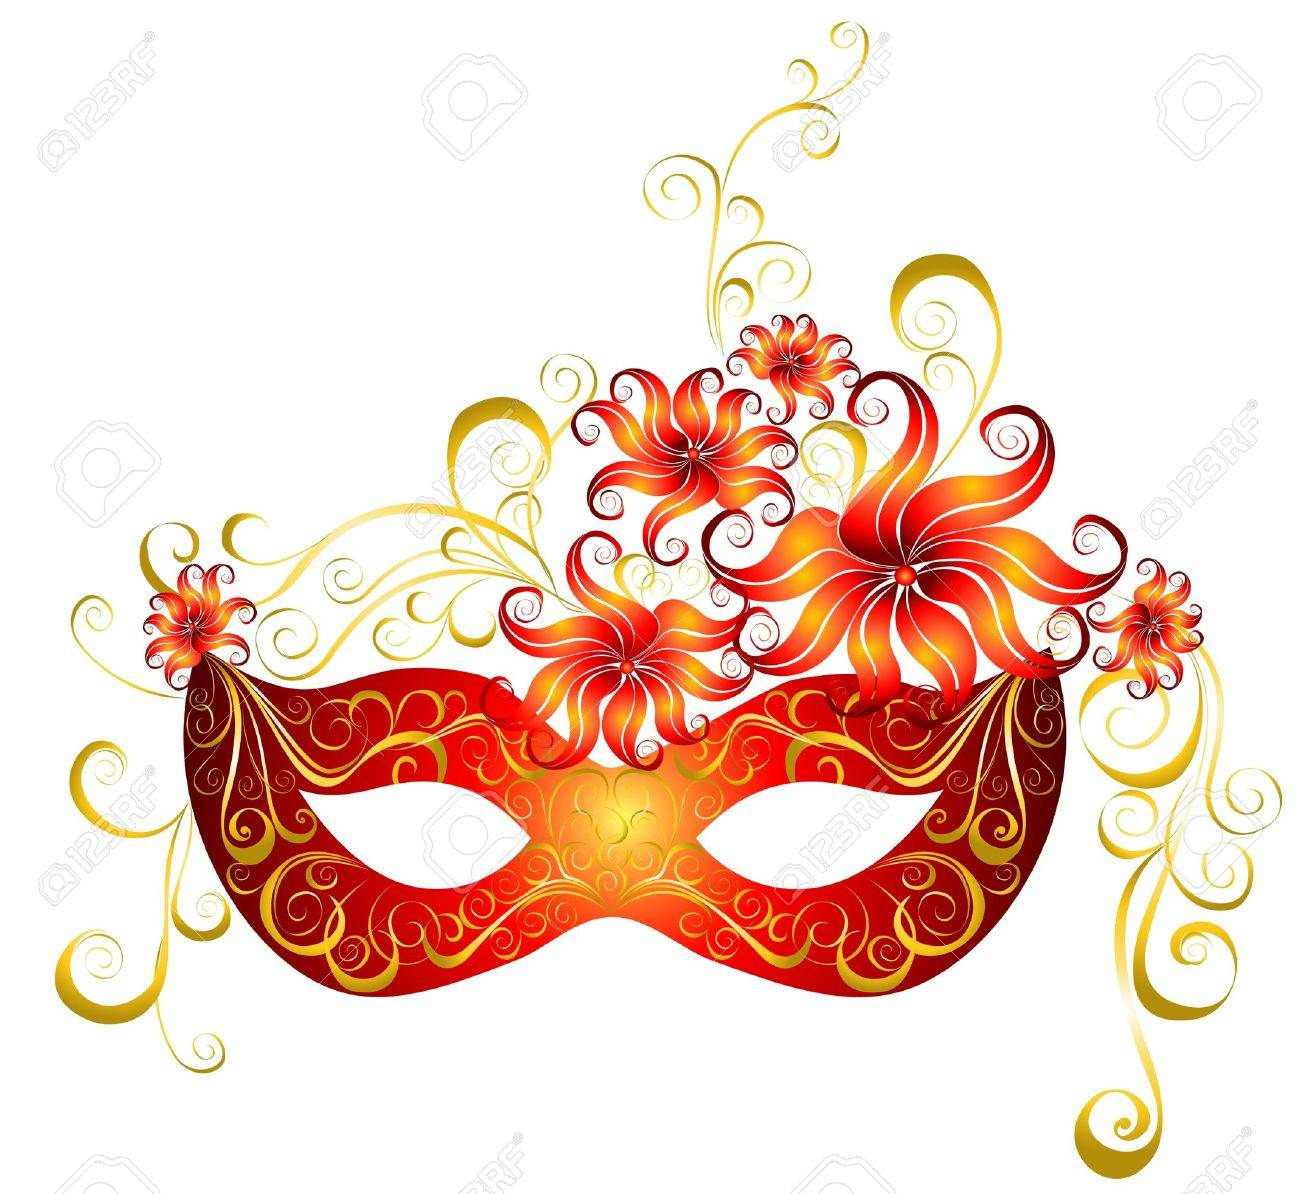 Carnival Masks Carnival Mask Masks For a